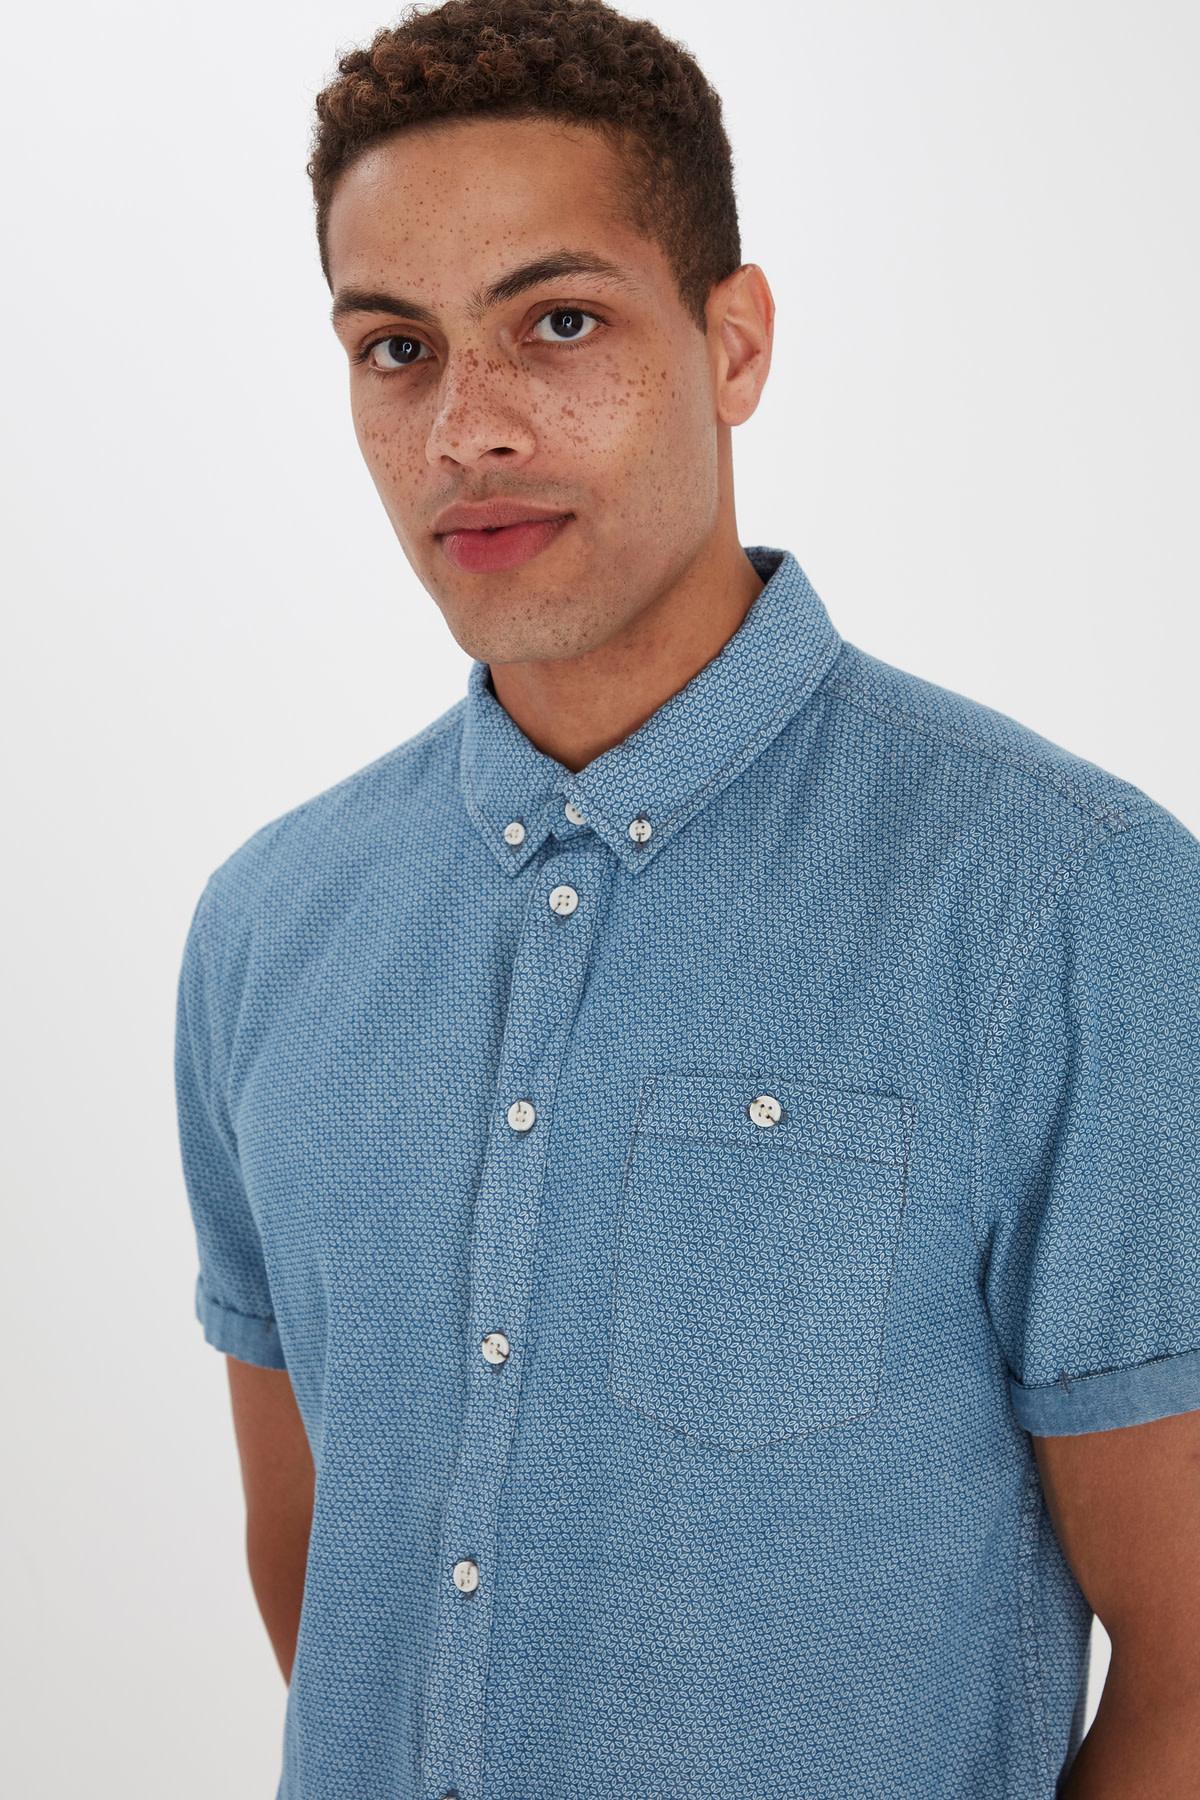 Denim Light Blue Short Sleeve Dress Shirt